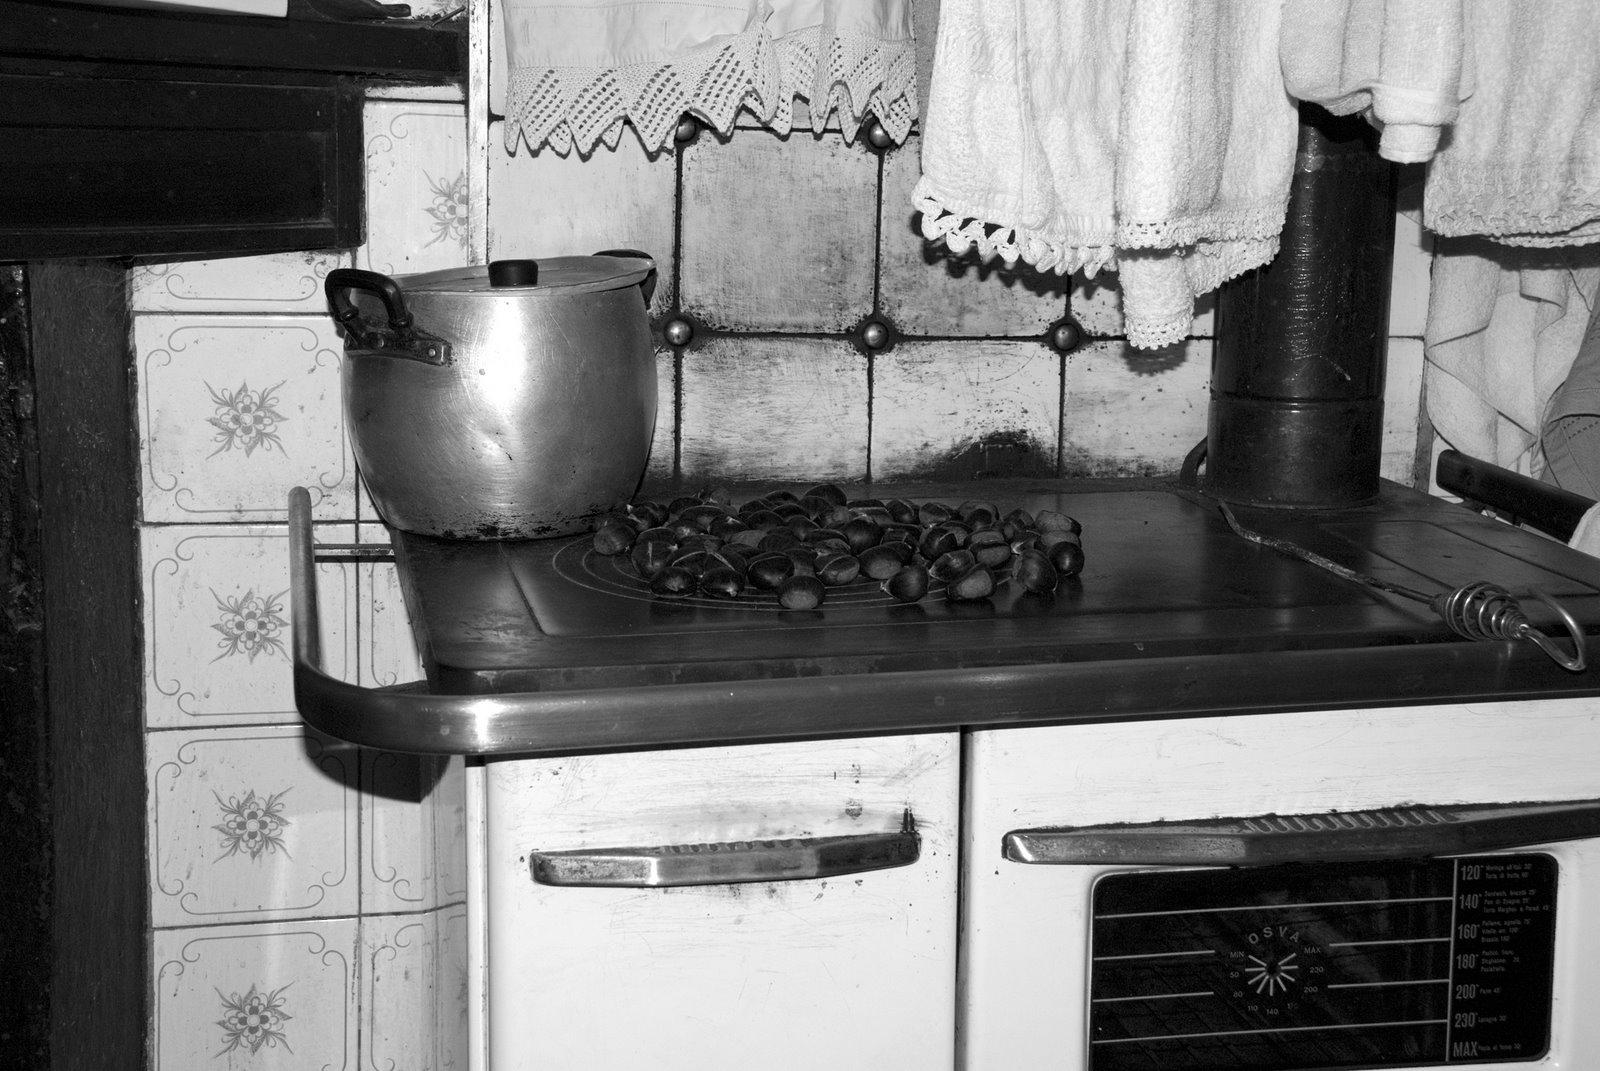 Cucina angolare economica sara cucina angolo with cucina for Cucina economica zoppas